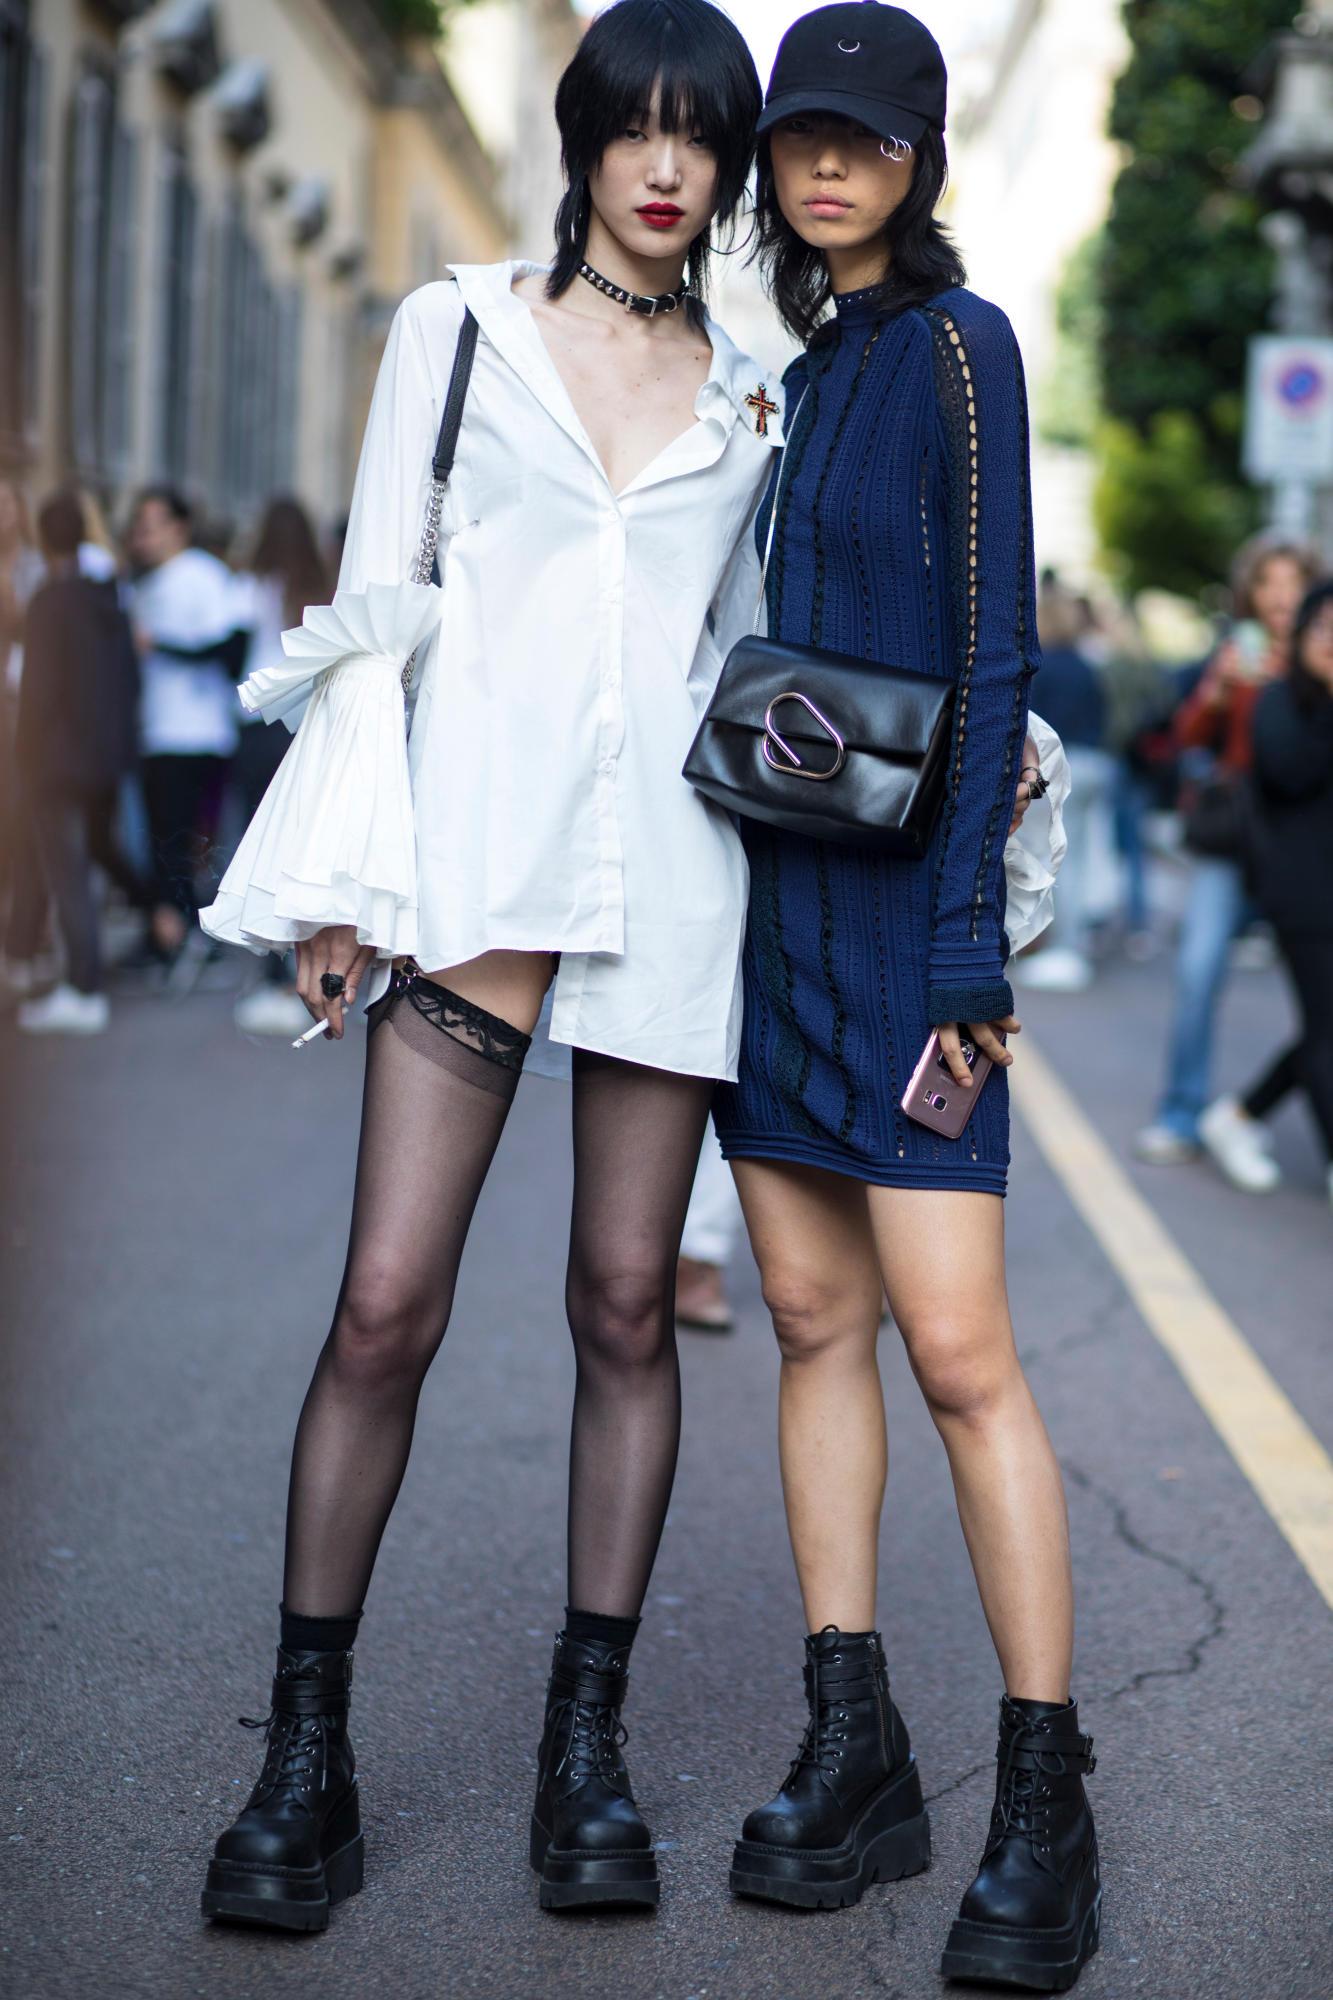 Milan Fashion Week Spring 2018 -- Street Style